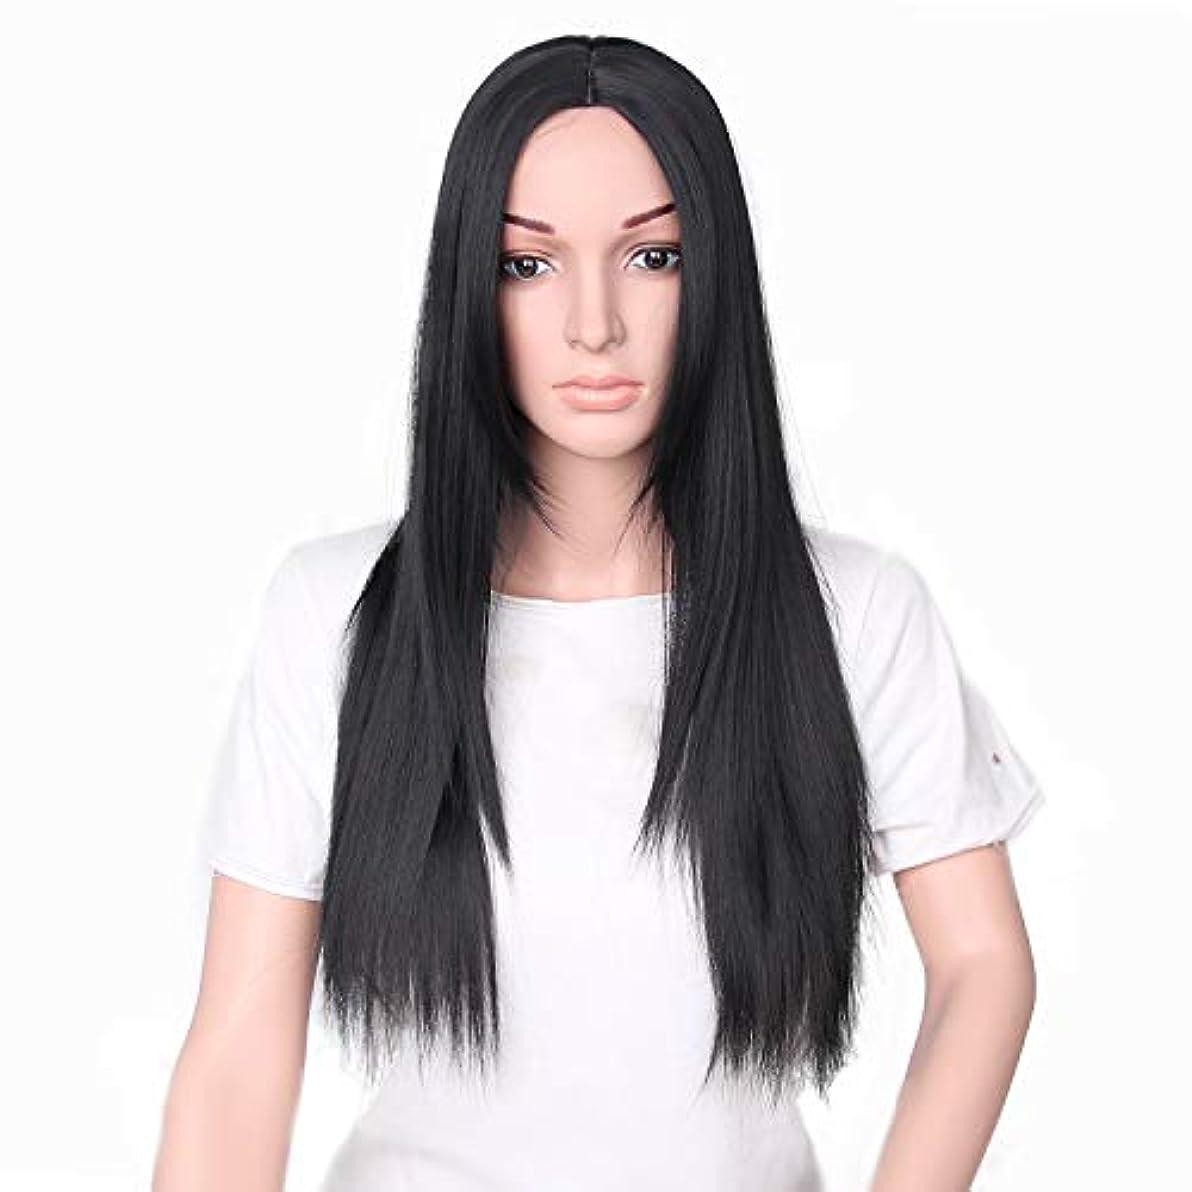 ミッションにぎやかおとうさんYZUEYT 66cm女性ナチュラルセンター分割ロングストレートブラックヘアウィッグ YZUEYT (Size : One size)